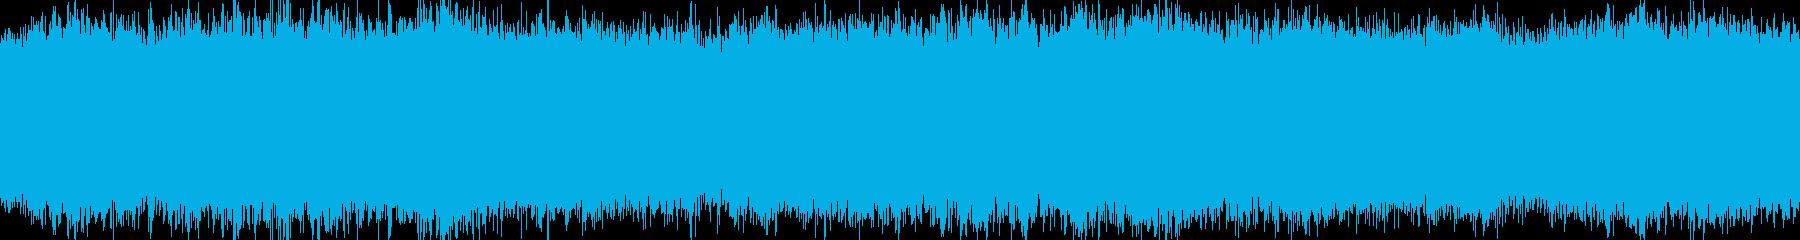 気弾のせめぎ合いの再生済みの波形